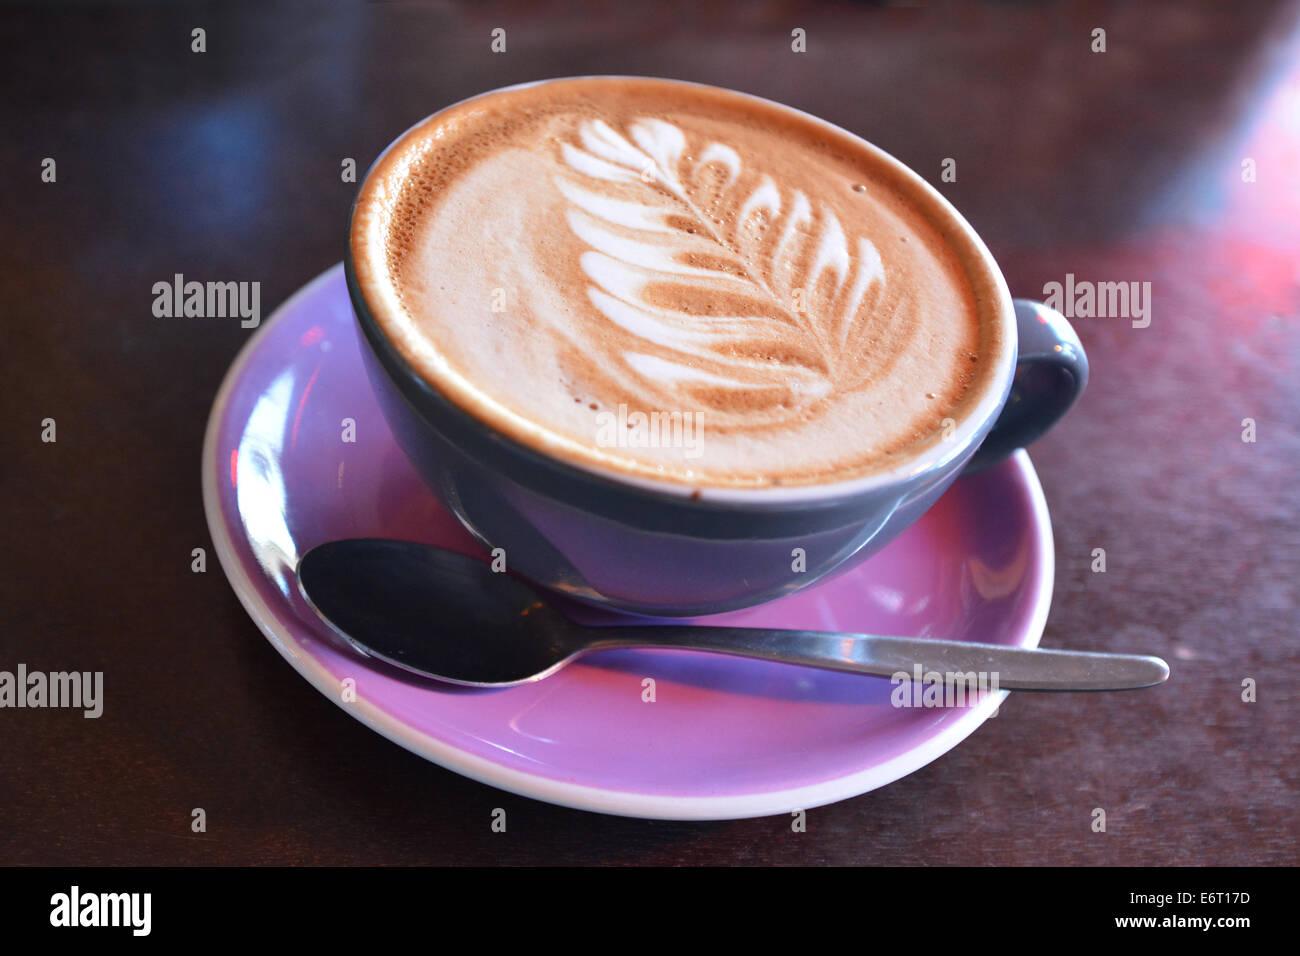 Café blanco plana decorada con el símbolo icónico de Nueva Zelandia el helecho plateado. Espacio Imagen De Stock